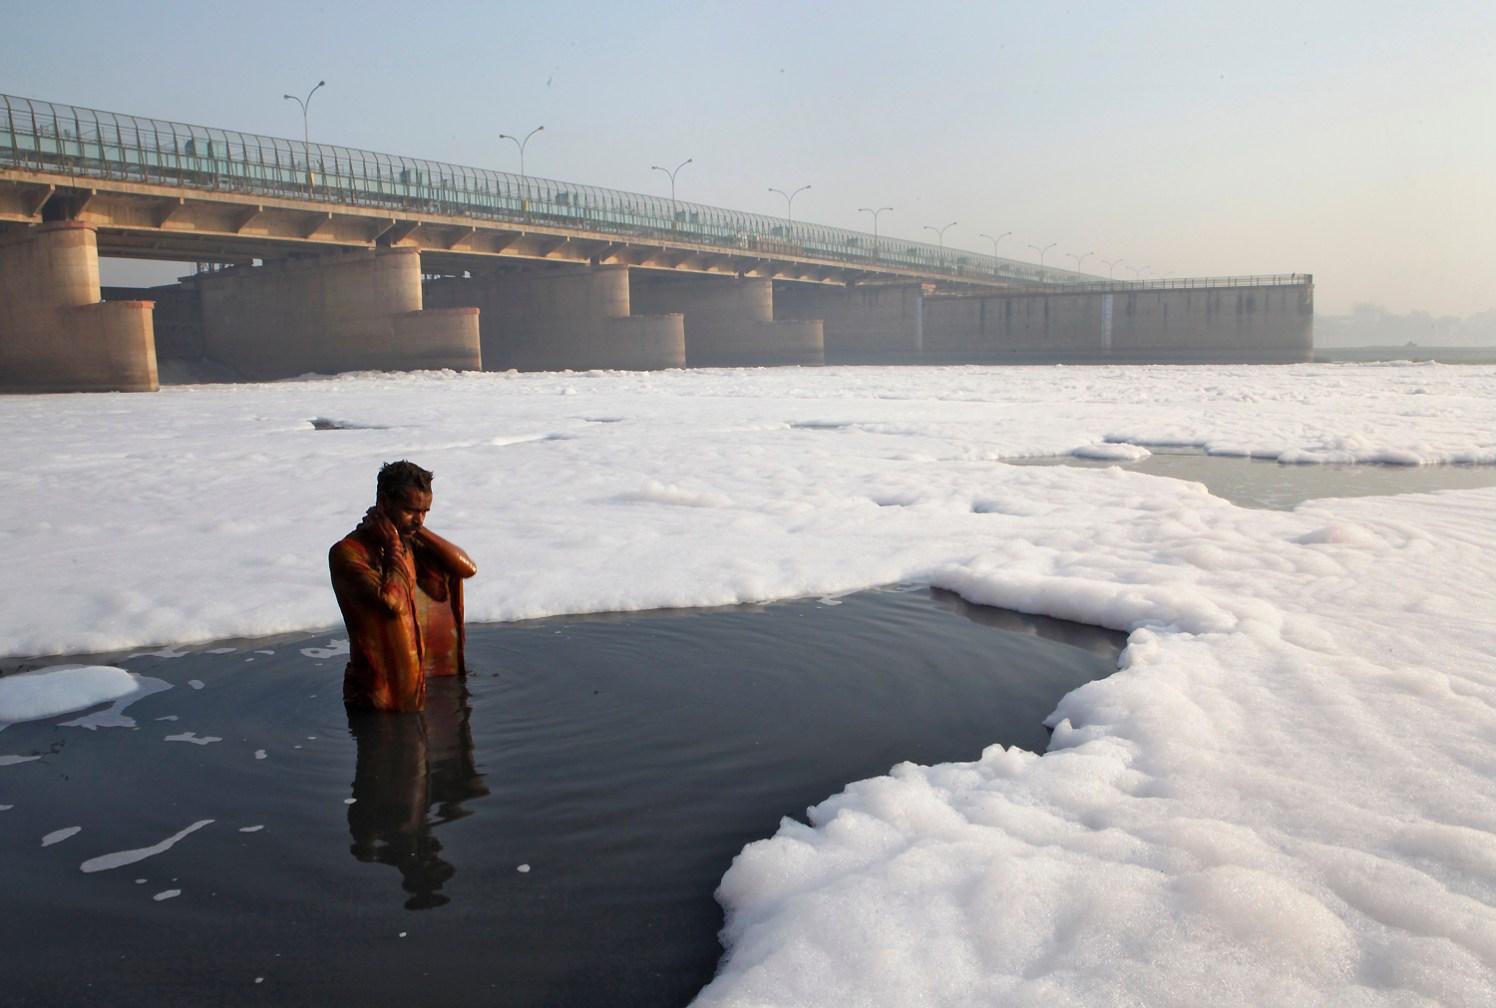 ट्रम्पना यमुना स्वच्छ दिसावी म्हणून गंगेचे पाणी सोडणार